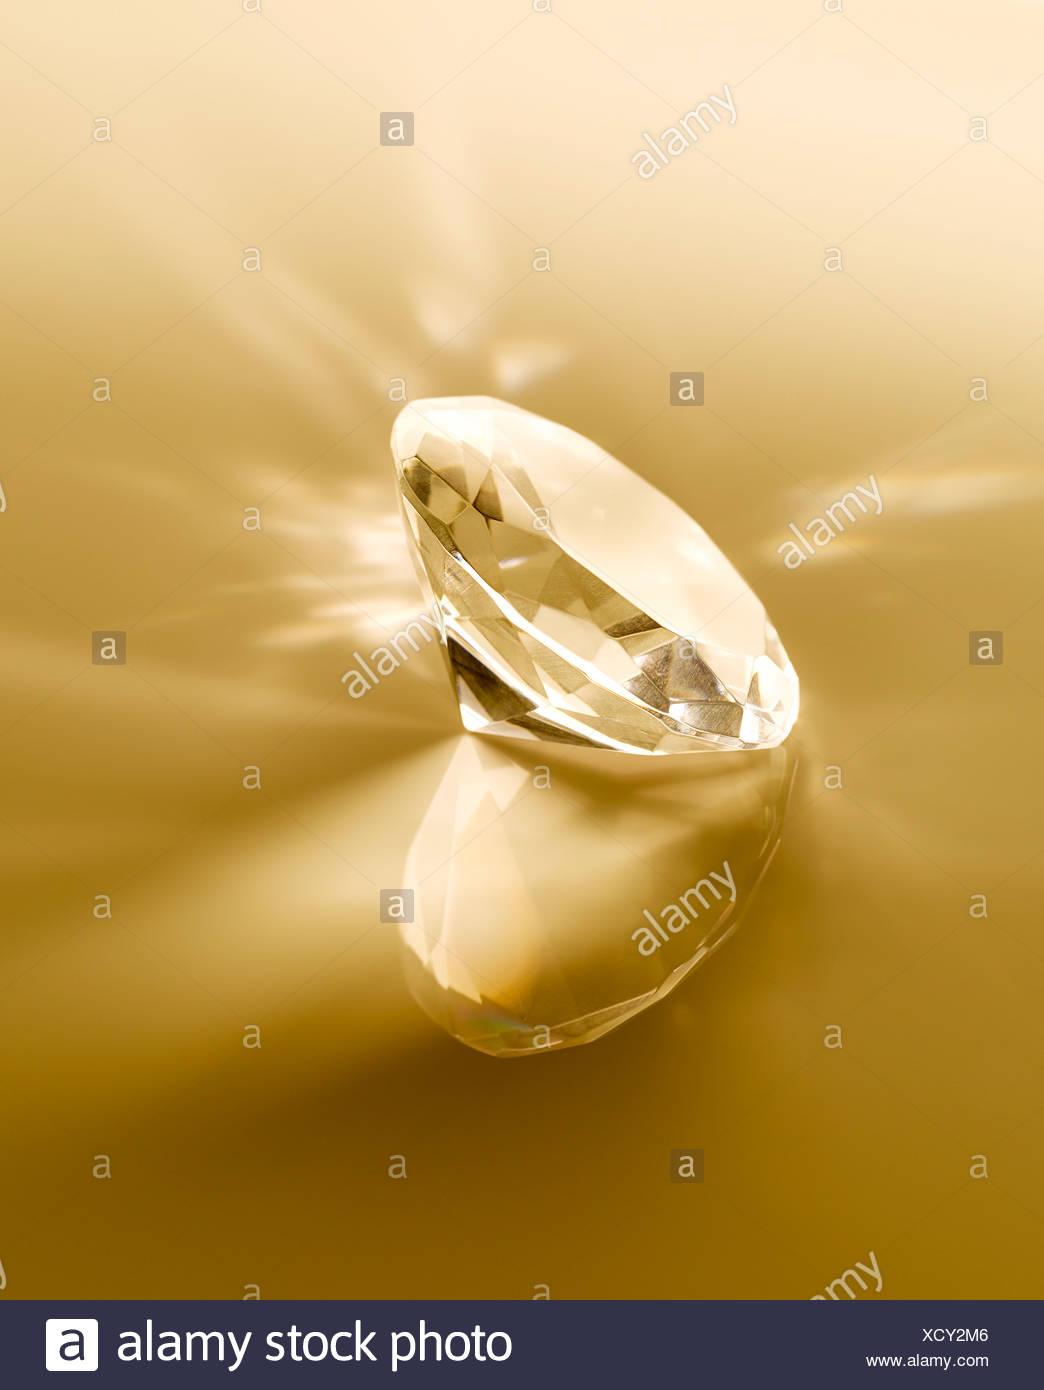 Close up of diamond - Stock Image